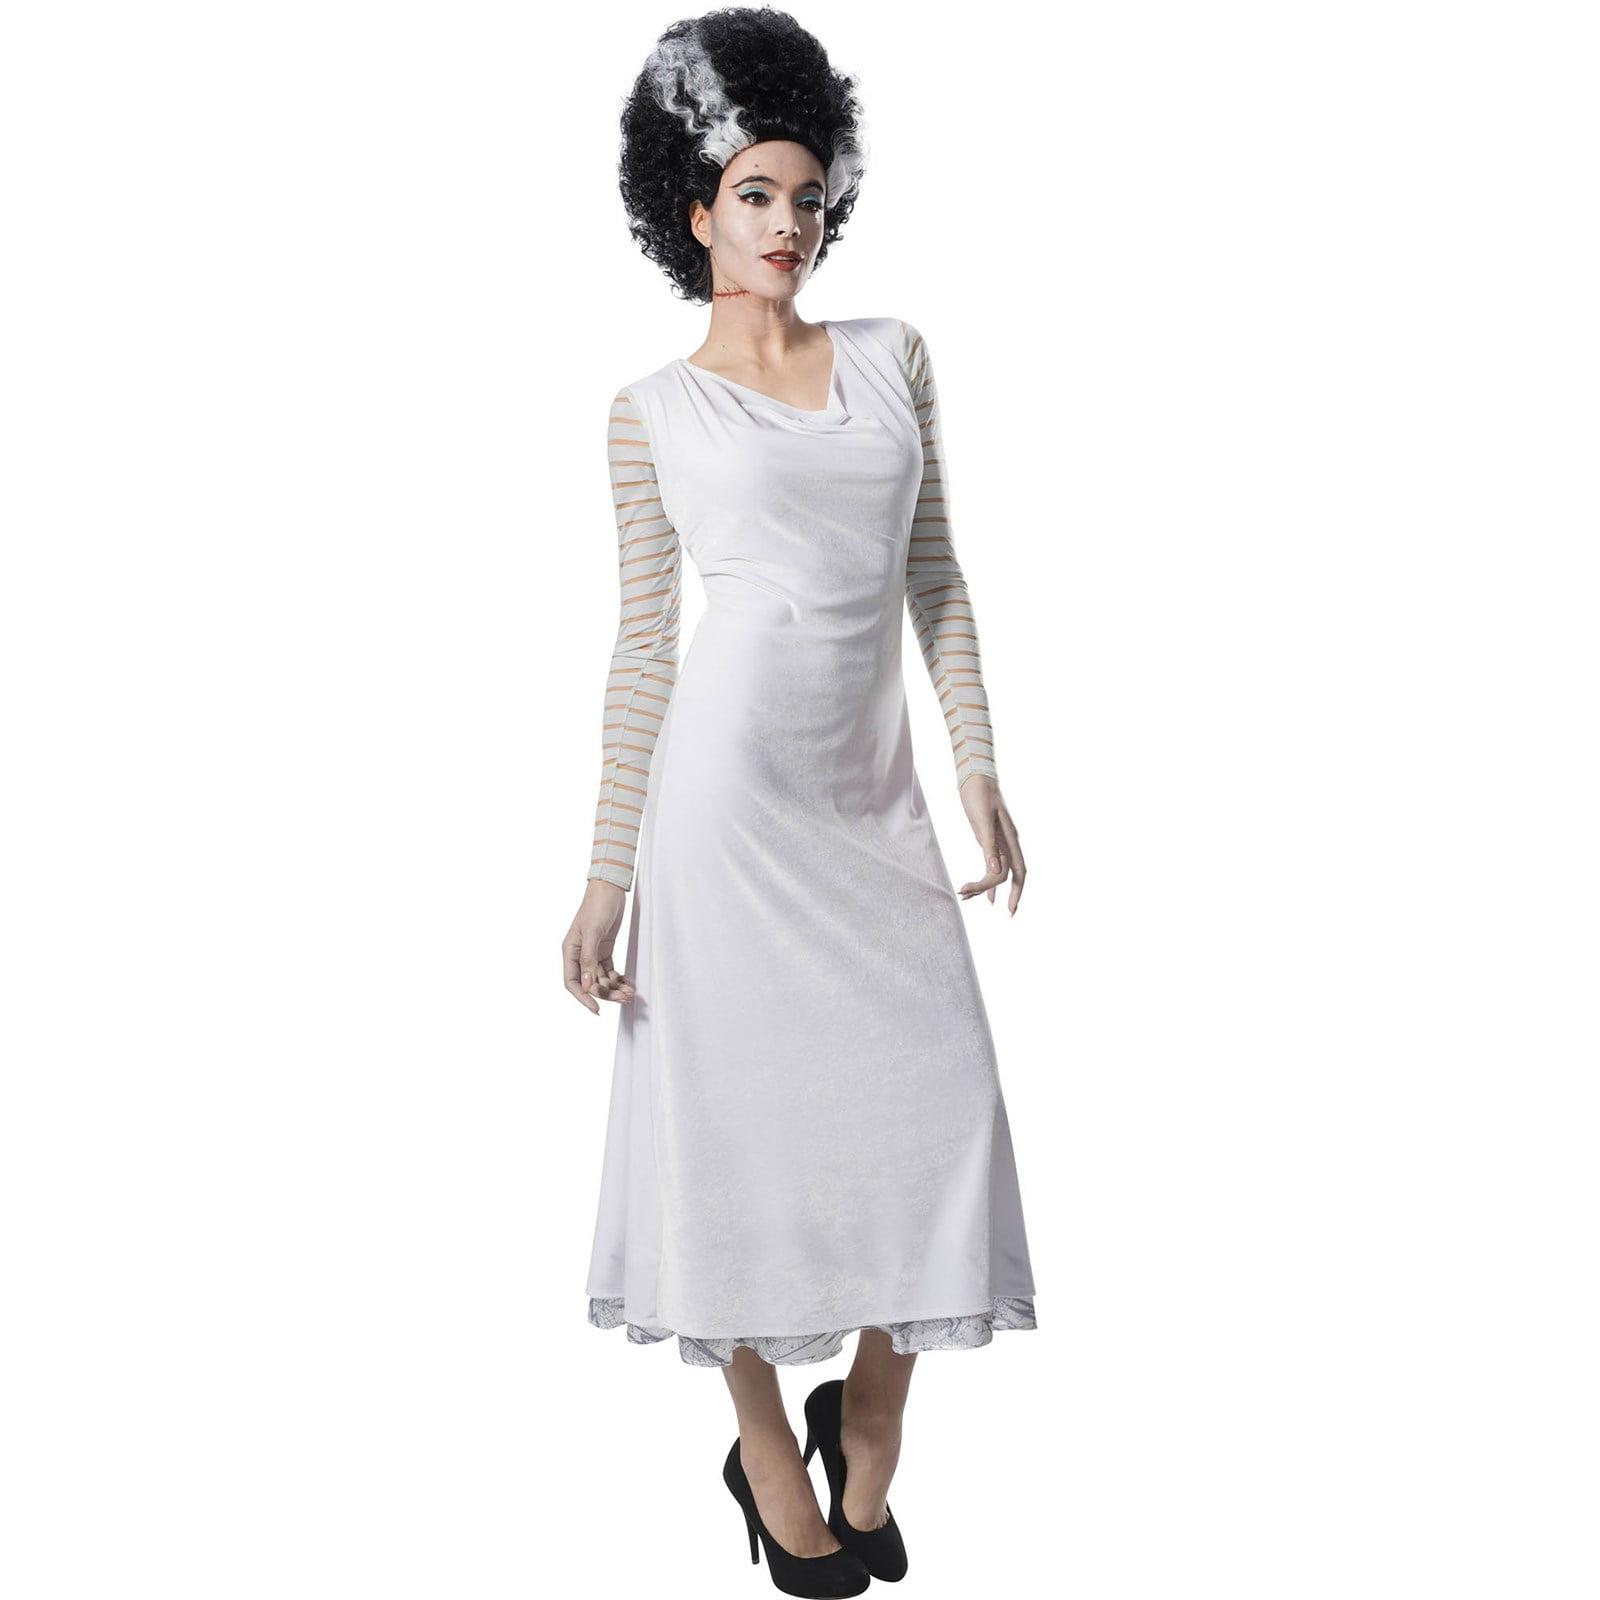 Universal Monsters Womens Bride Of Frankenstein Halloween Costume Walmart Com Walmart Com